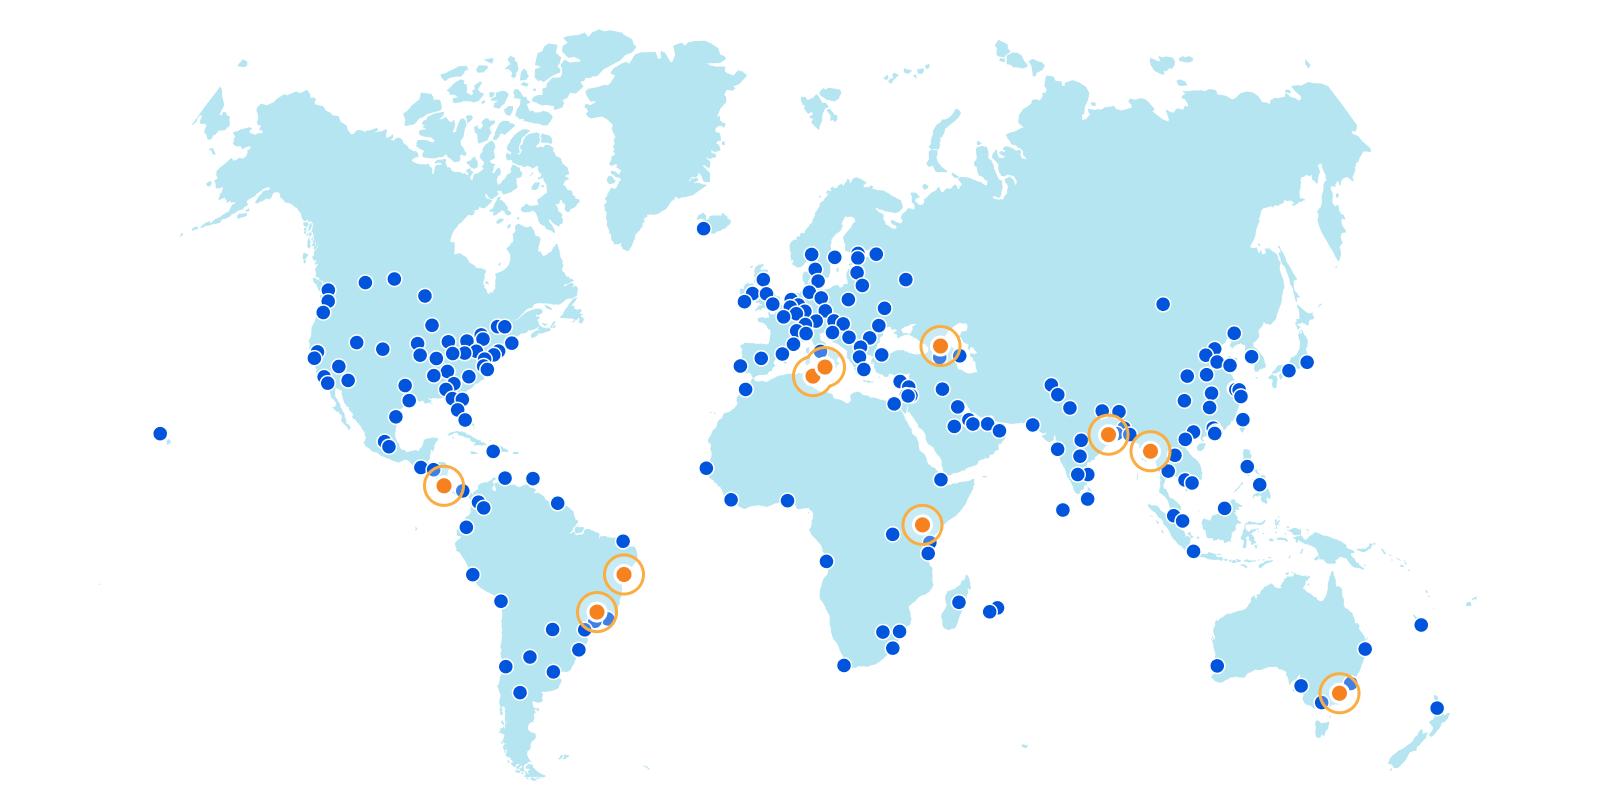 Сеть Cloudflare удваивает емкость ЦП и расширяется до десяти новых городов в четырех новых странах